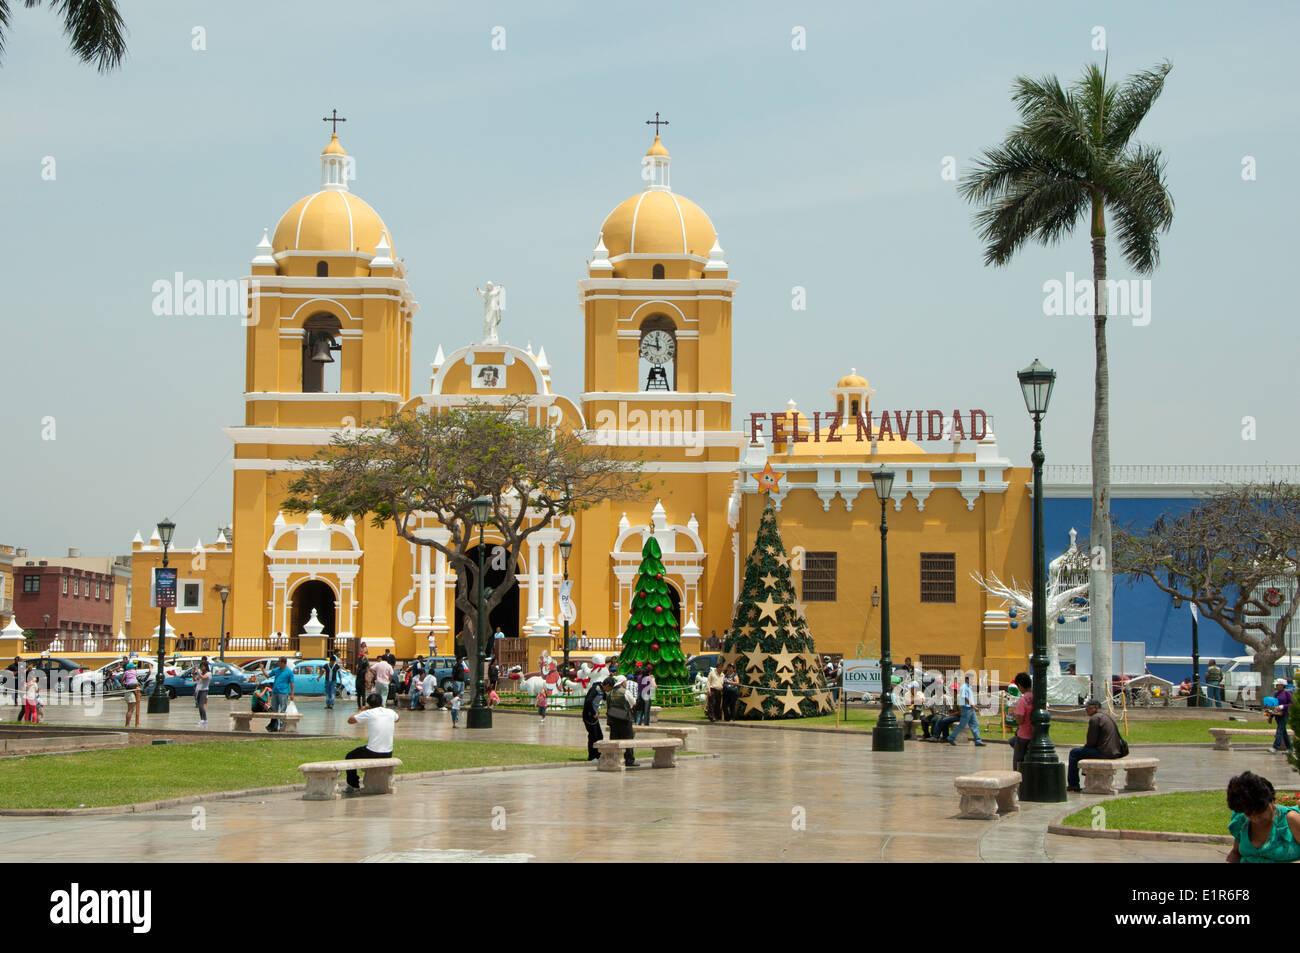 Feliz Navidad en la Catedral de Trujillo Peru Imagen De Stock